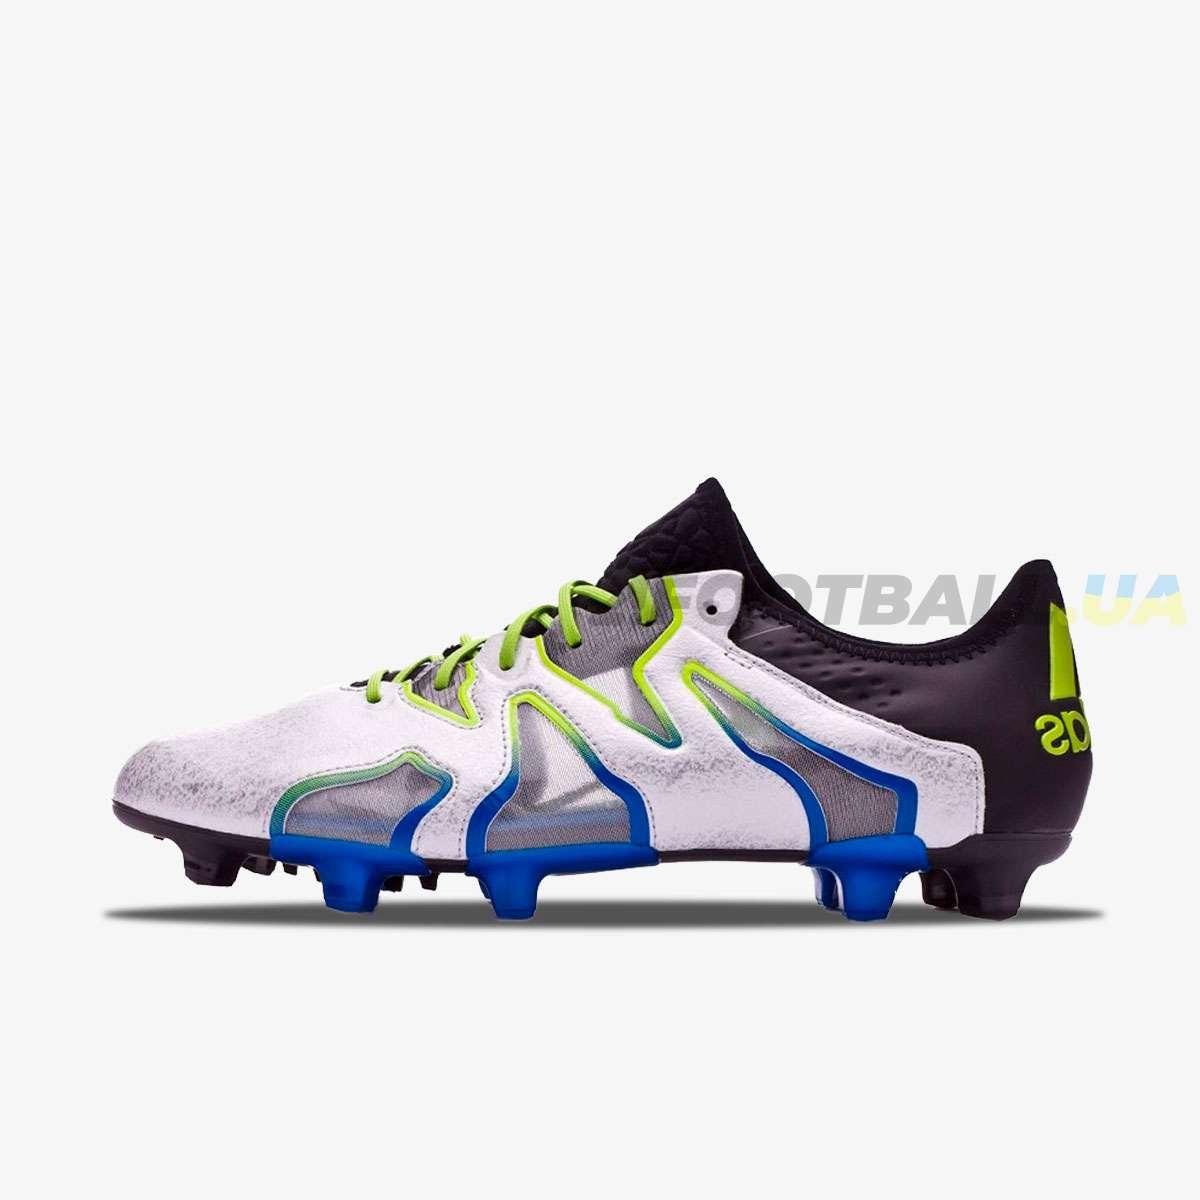 0ebfe402fcd5 🥇 Бутсы — купить профессиональные футбольные бутсы с носком   Цена ...